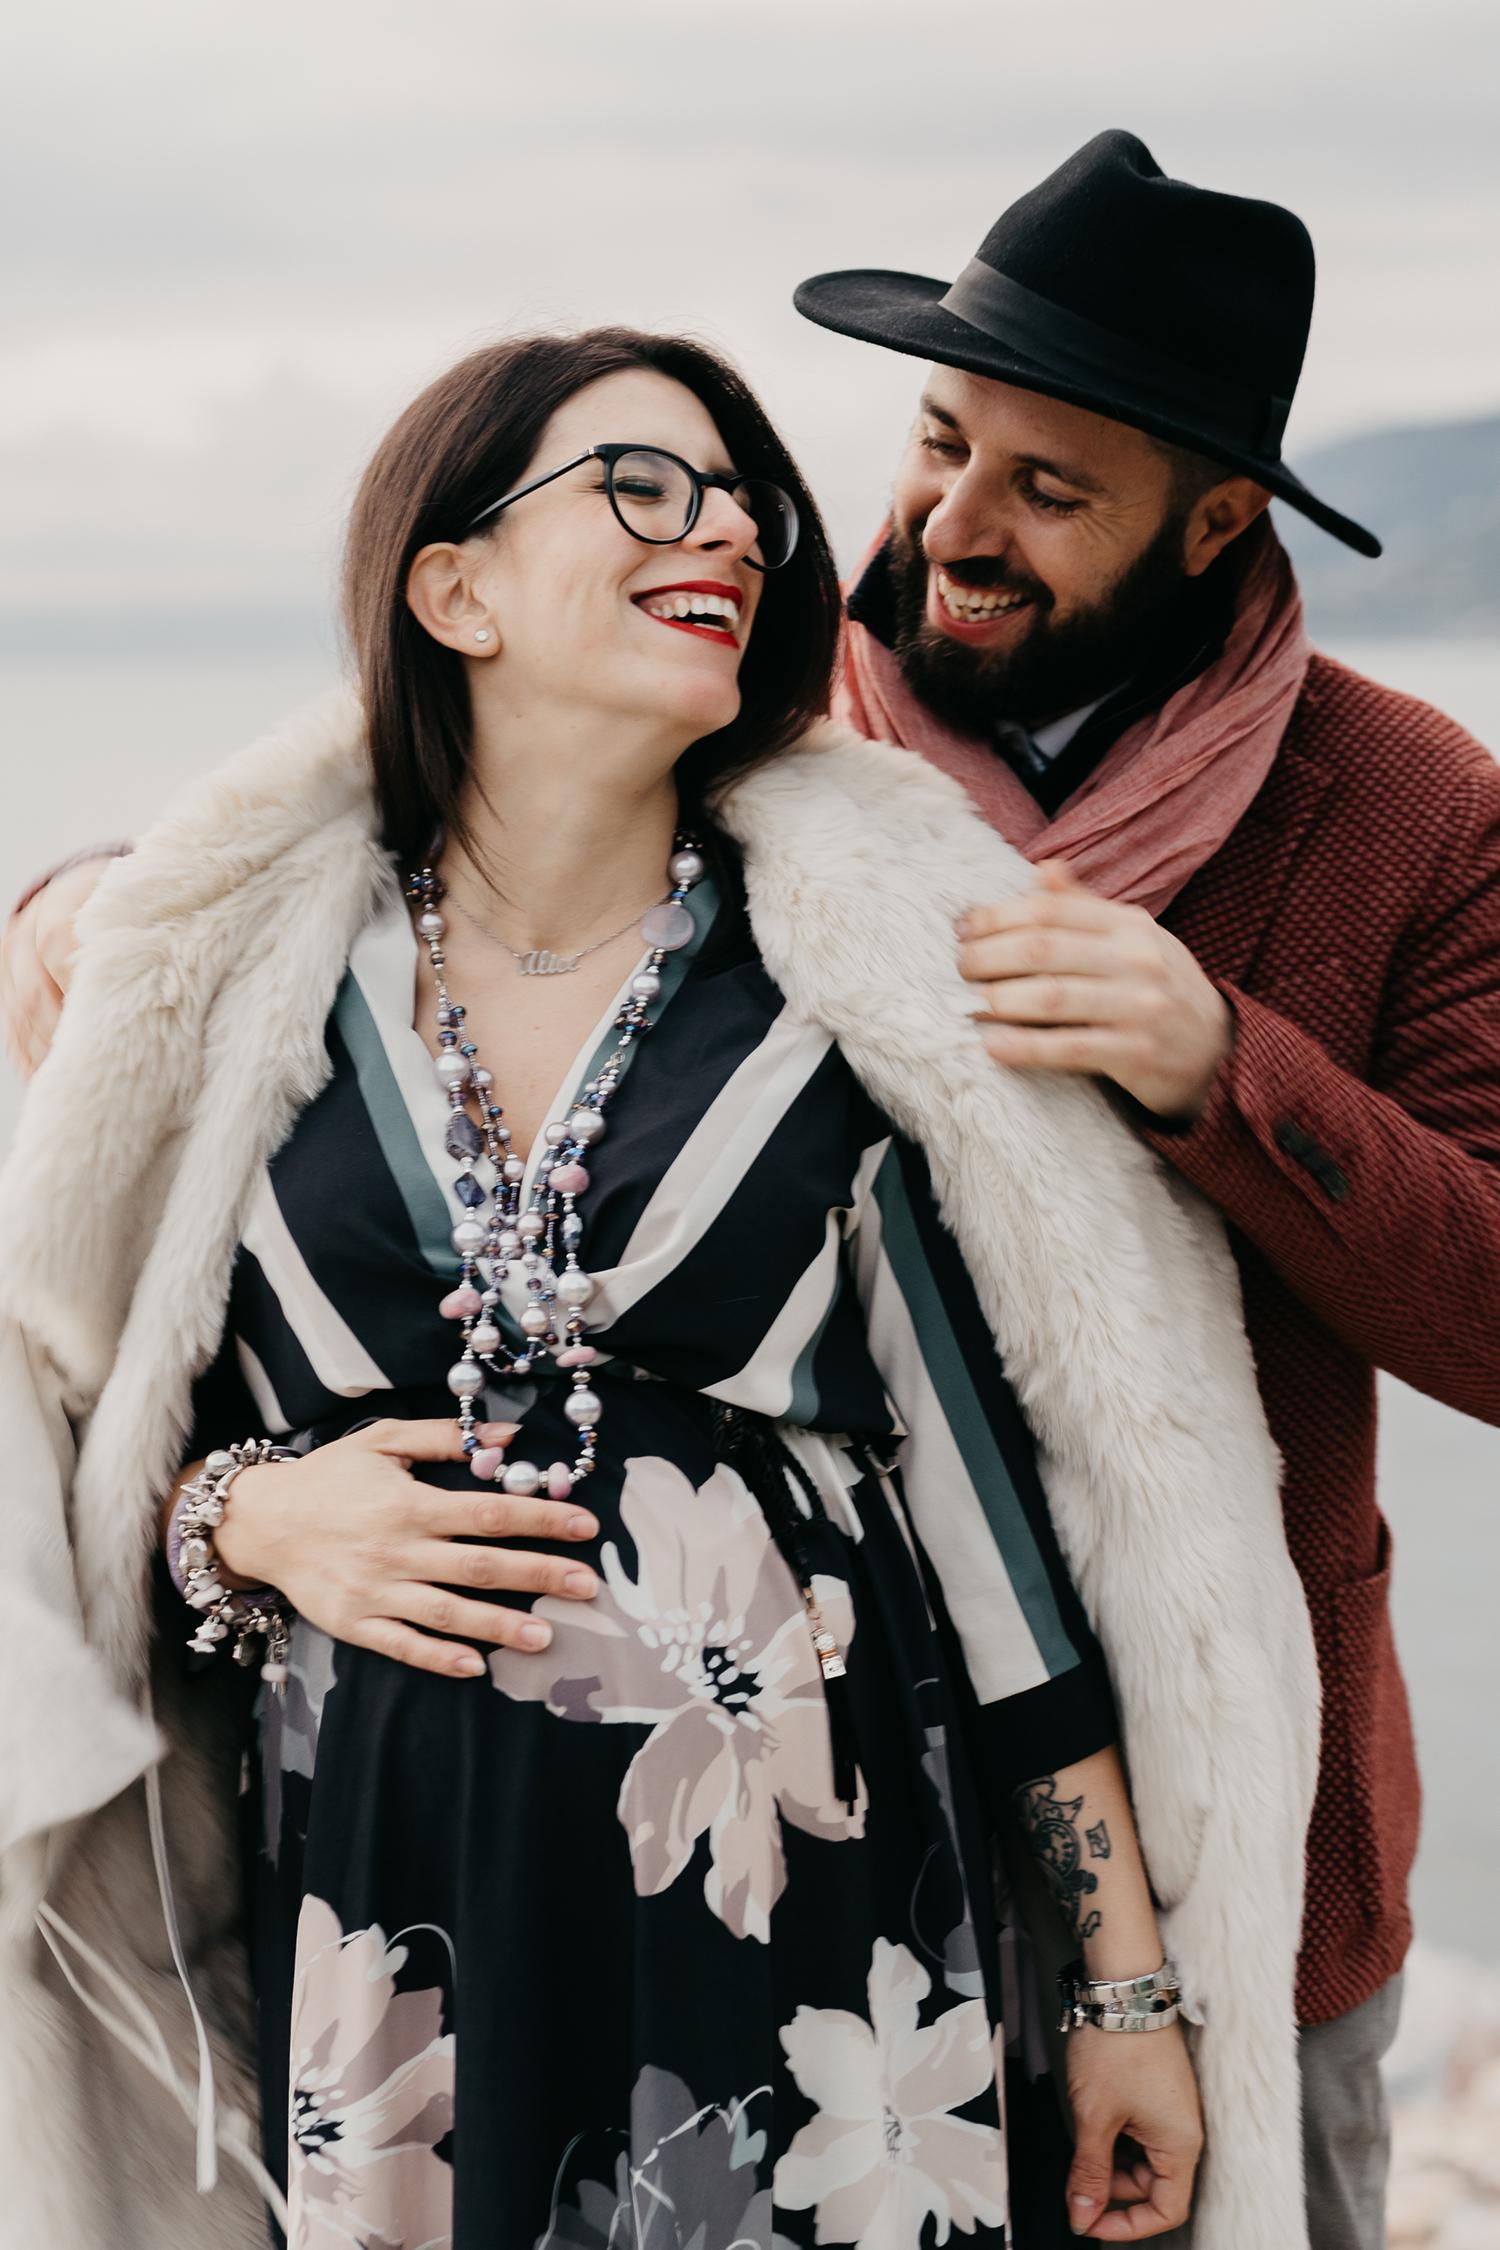 Rebecca Rinaldi fotografia gravidanza e maternità. Servizio fotografico gravidanza a Camogli, Genova. Futuro papà mette cappotto a futura mamma..